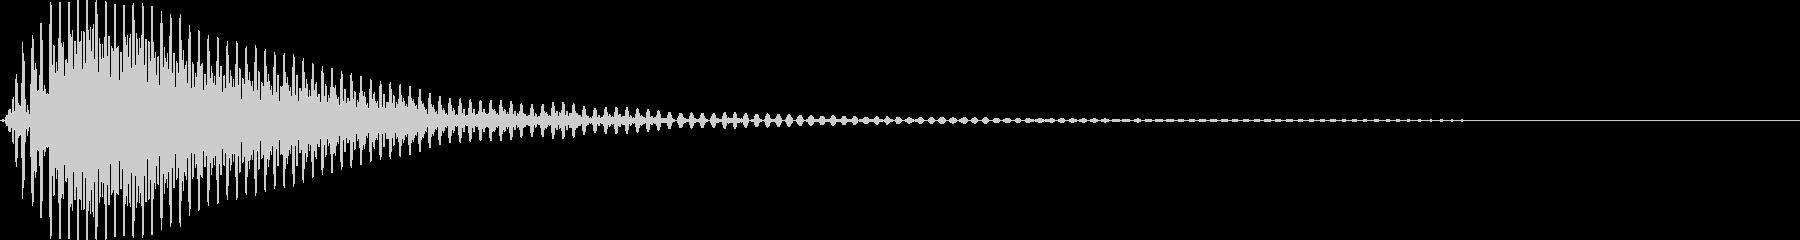 ぽん!(つづみ・和太鼓)の未再生の波形